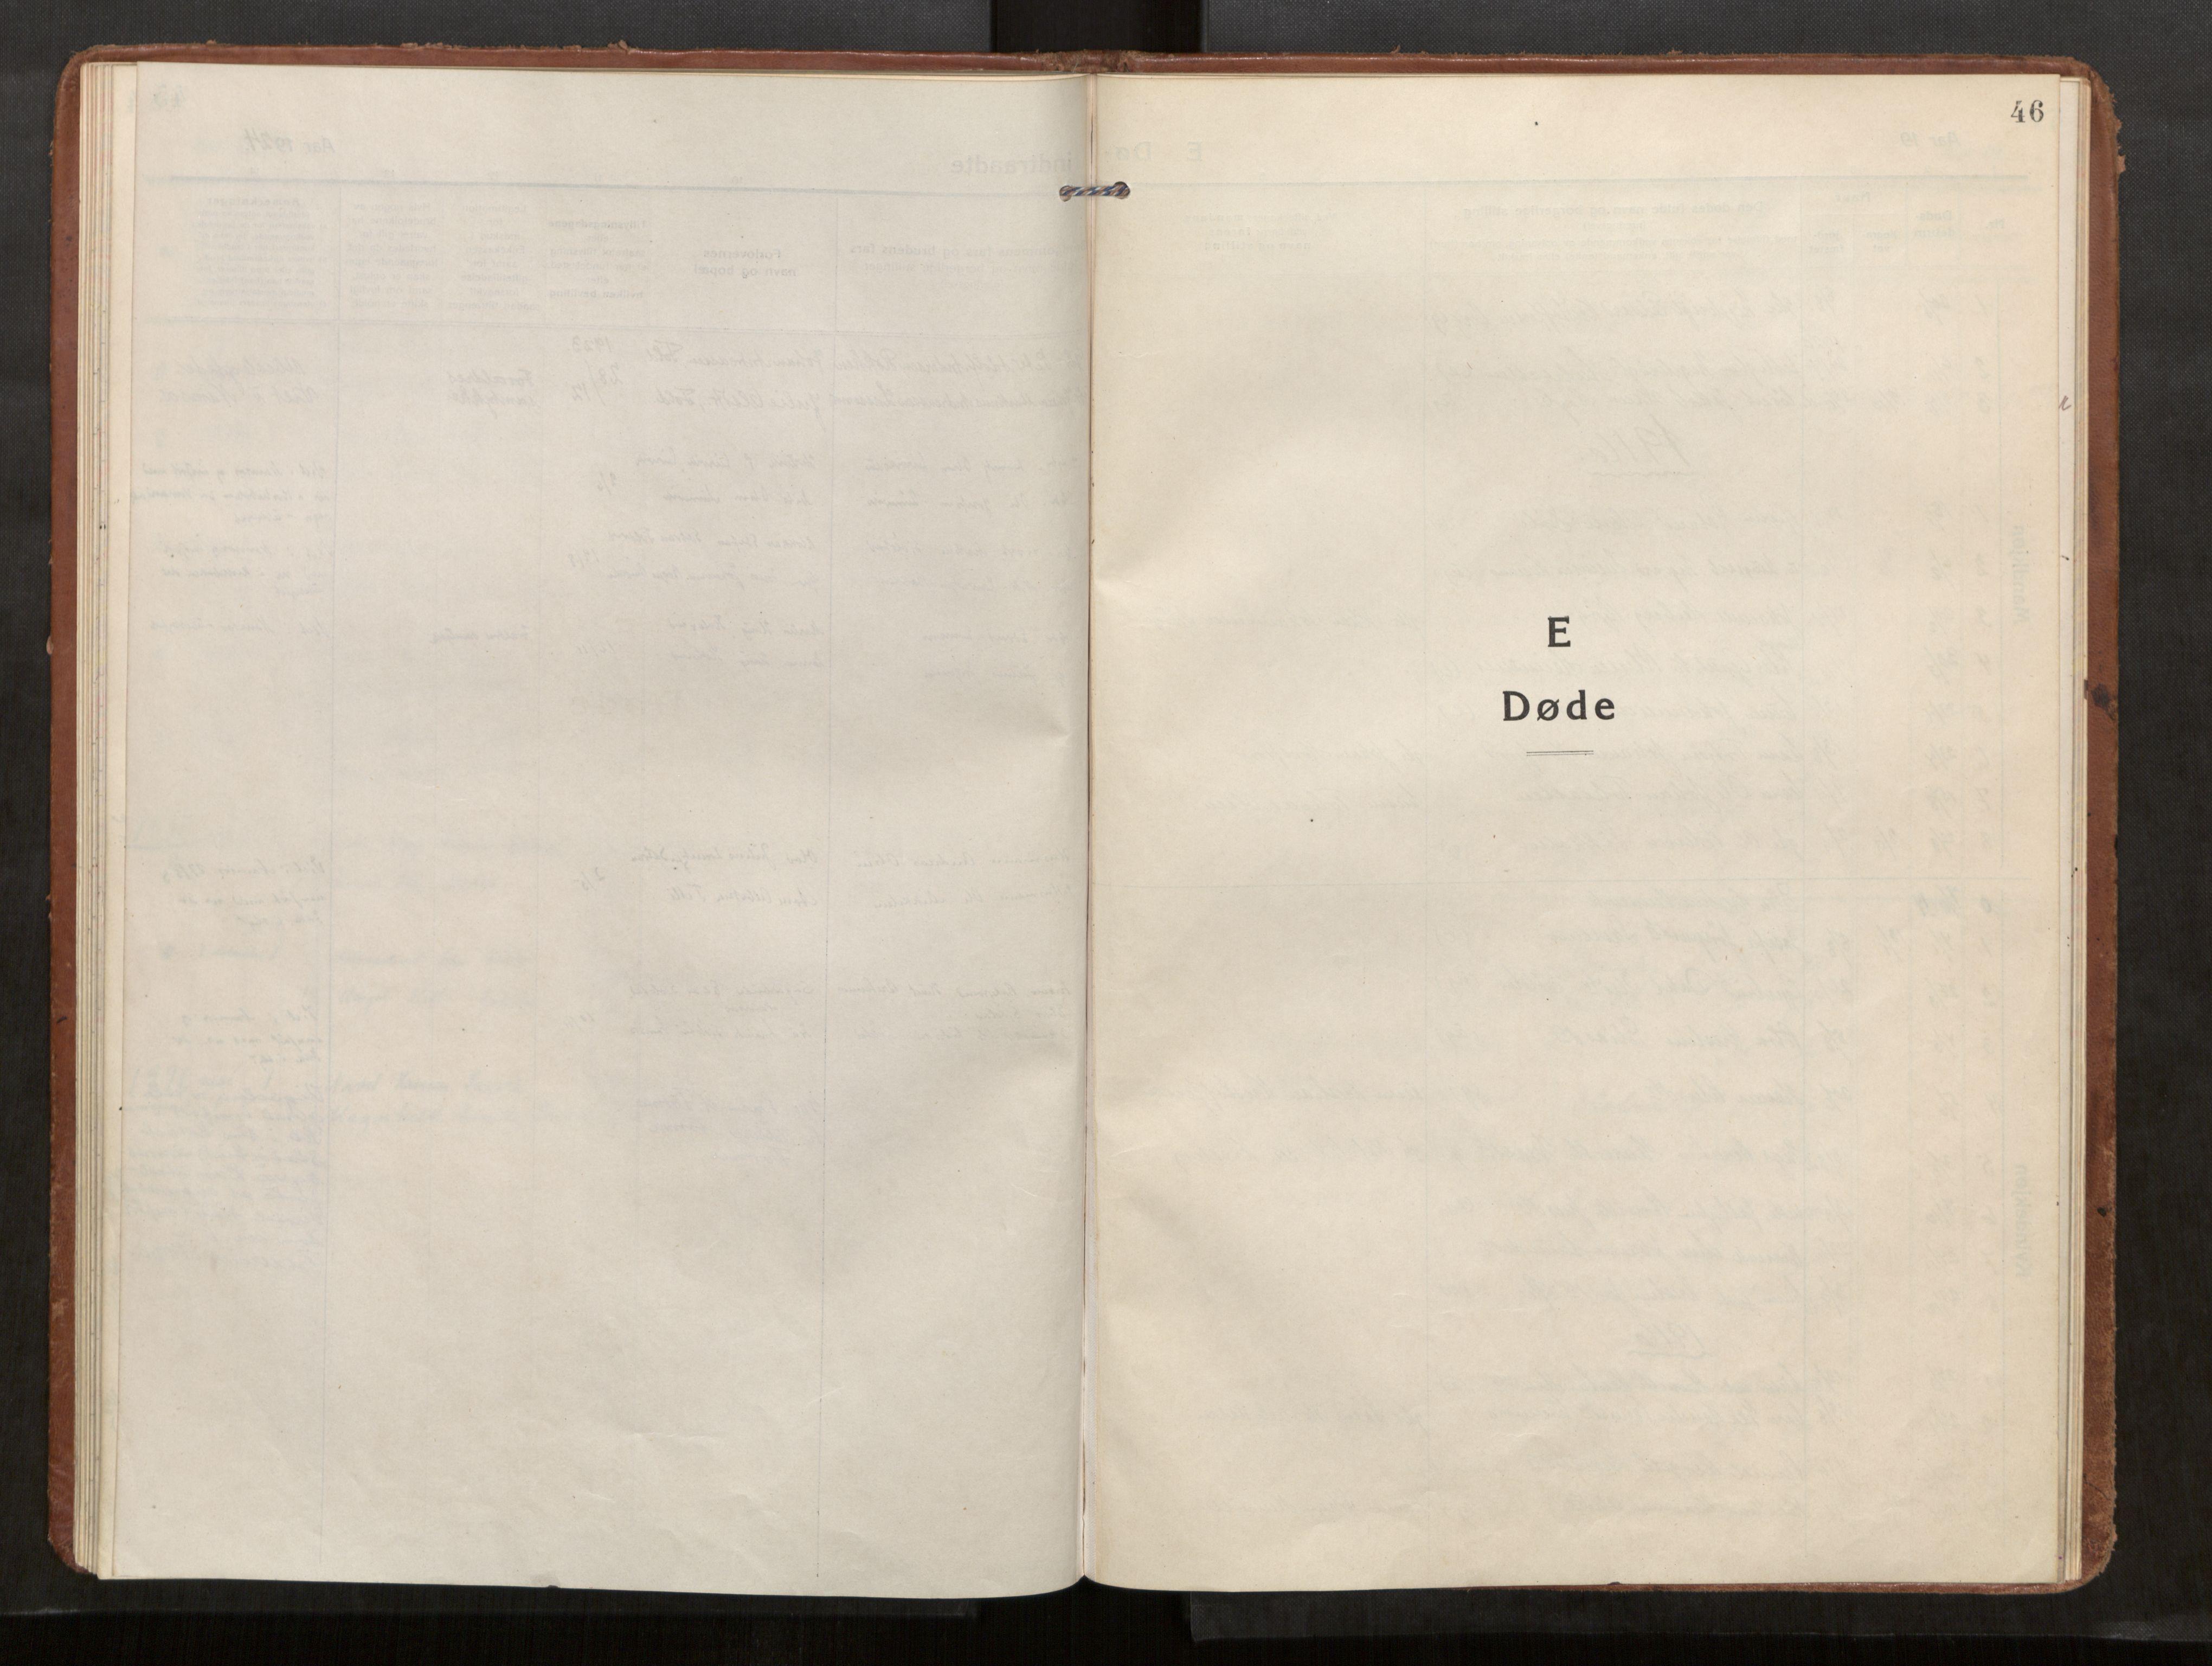 SAT, Kolvereid sokneprestkontor, H/Ha/Haa/L0002: Parish register (official) no. 2, 1914-1926, p. 46